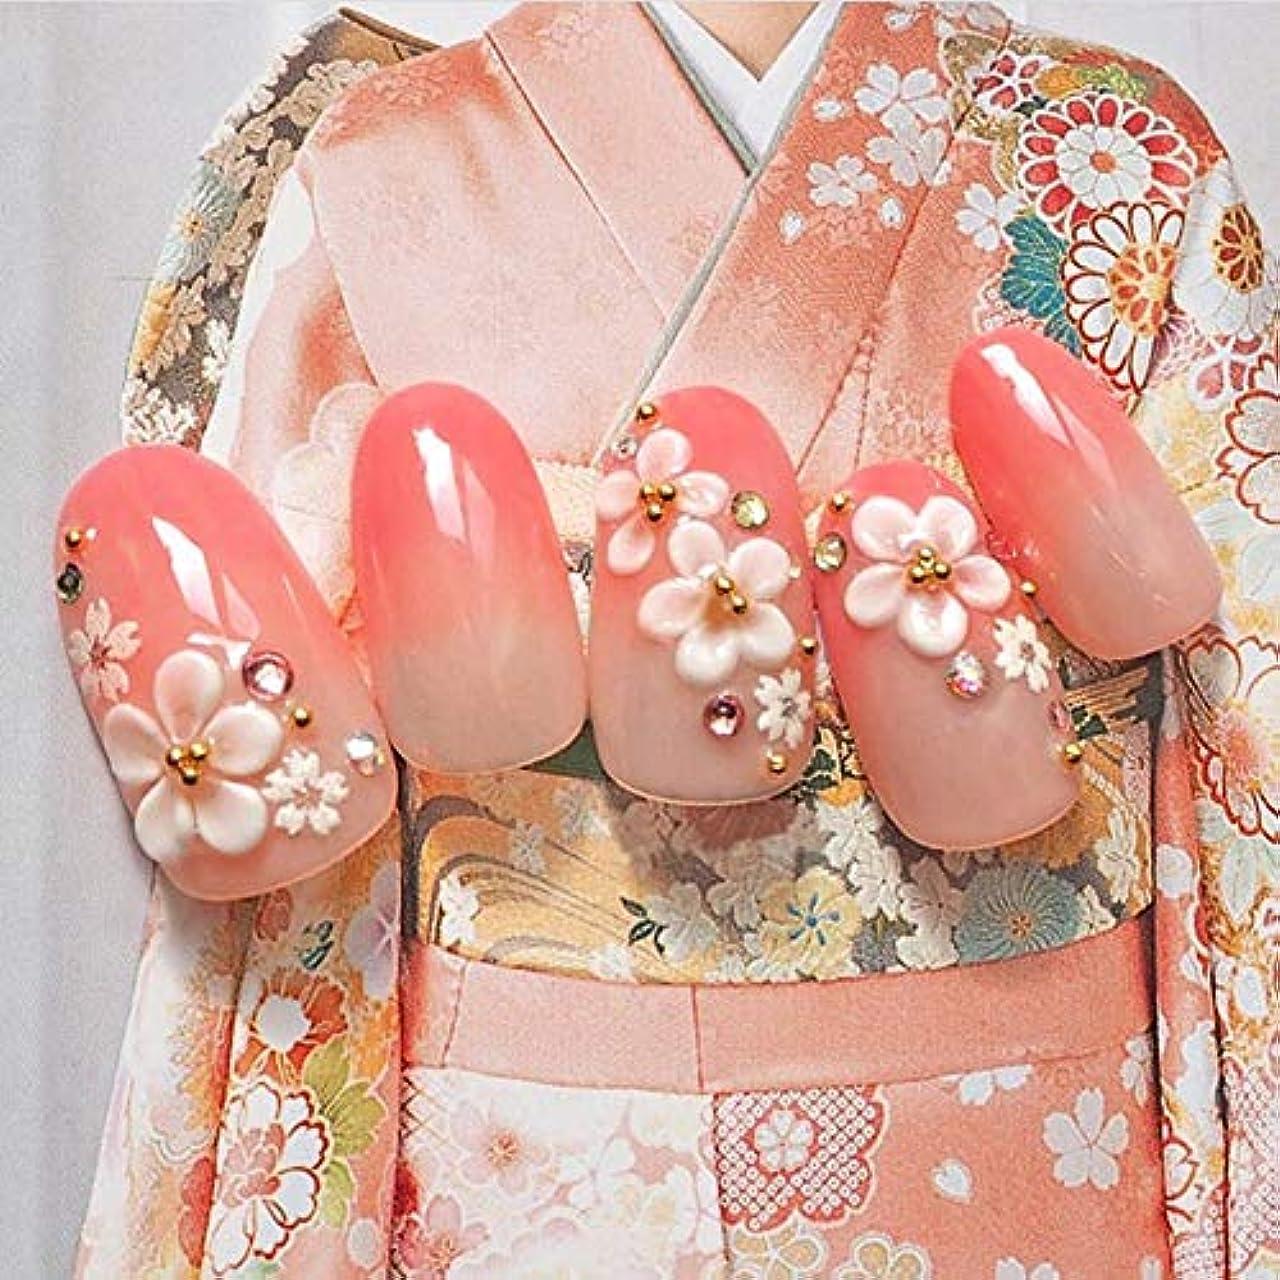 スカート歌詞繰り返すXUTXZKA ファッションのために飾られた24pcsファッションロングフェイクネイルのヒントオーバルピンクグラデーションチェリーフラワー